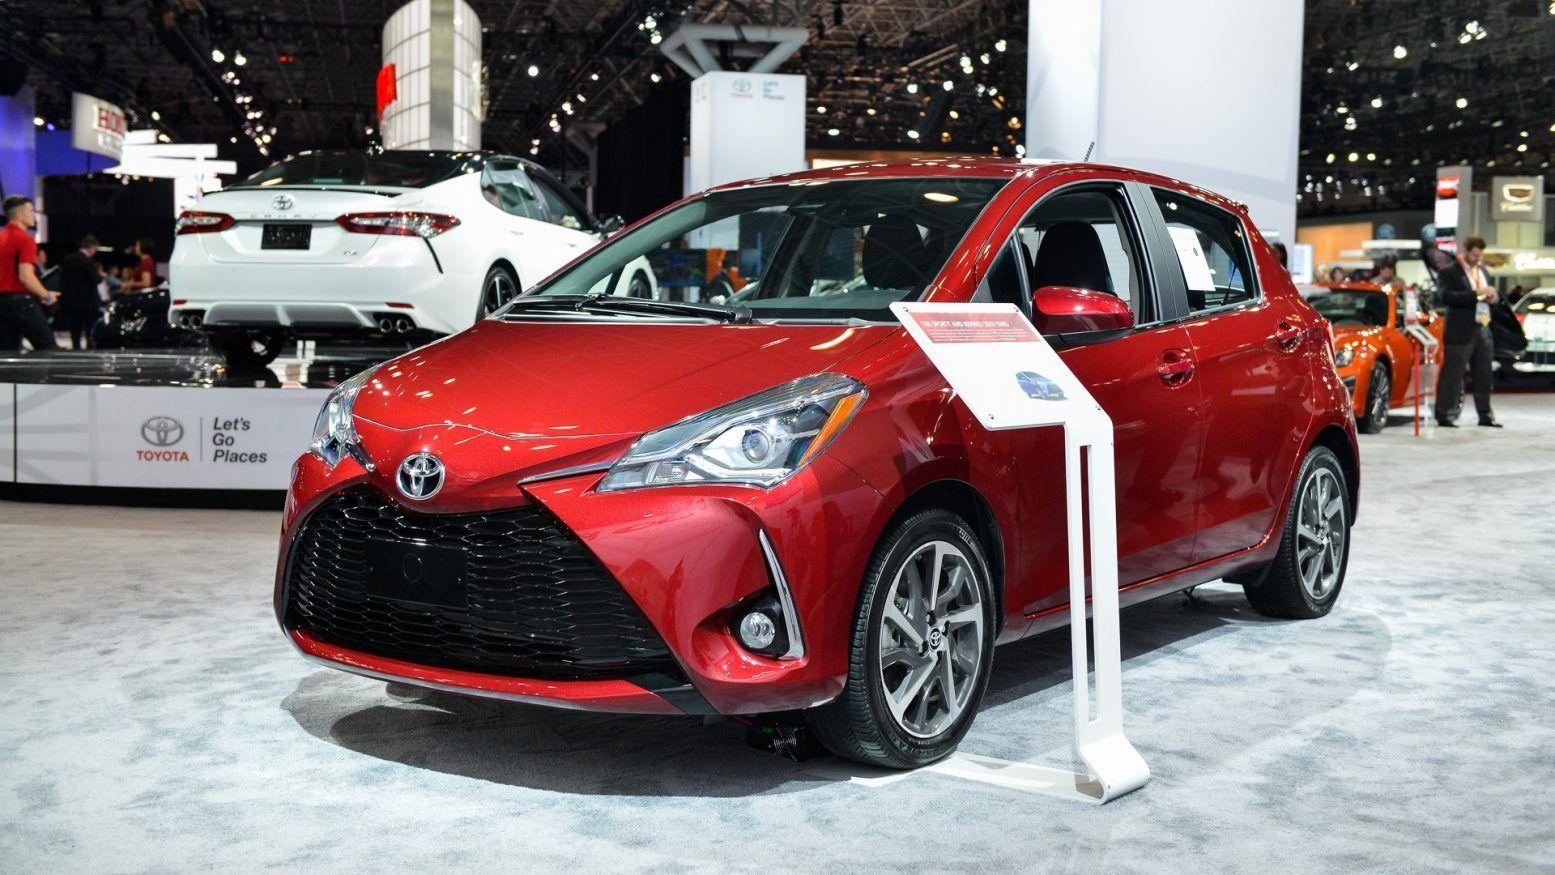 2020 Toyota Yaris Review Design Release Date Cost Engine Photos Dengan Gambar